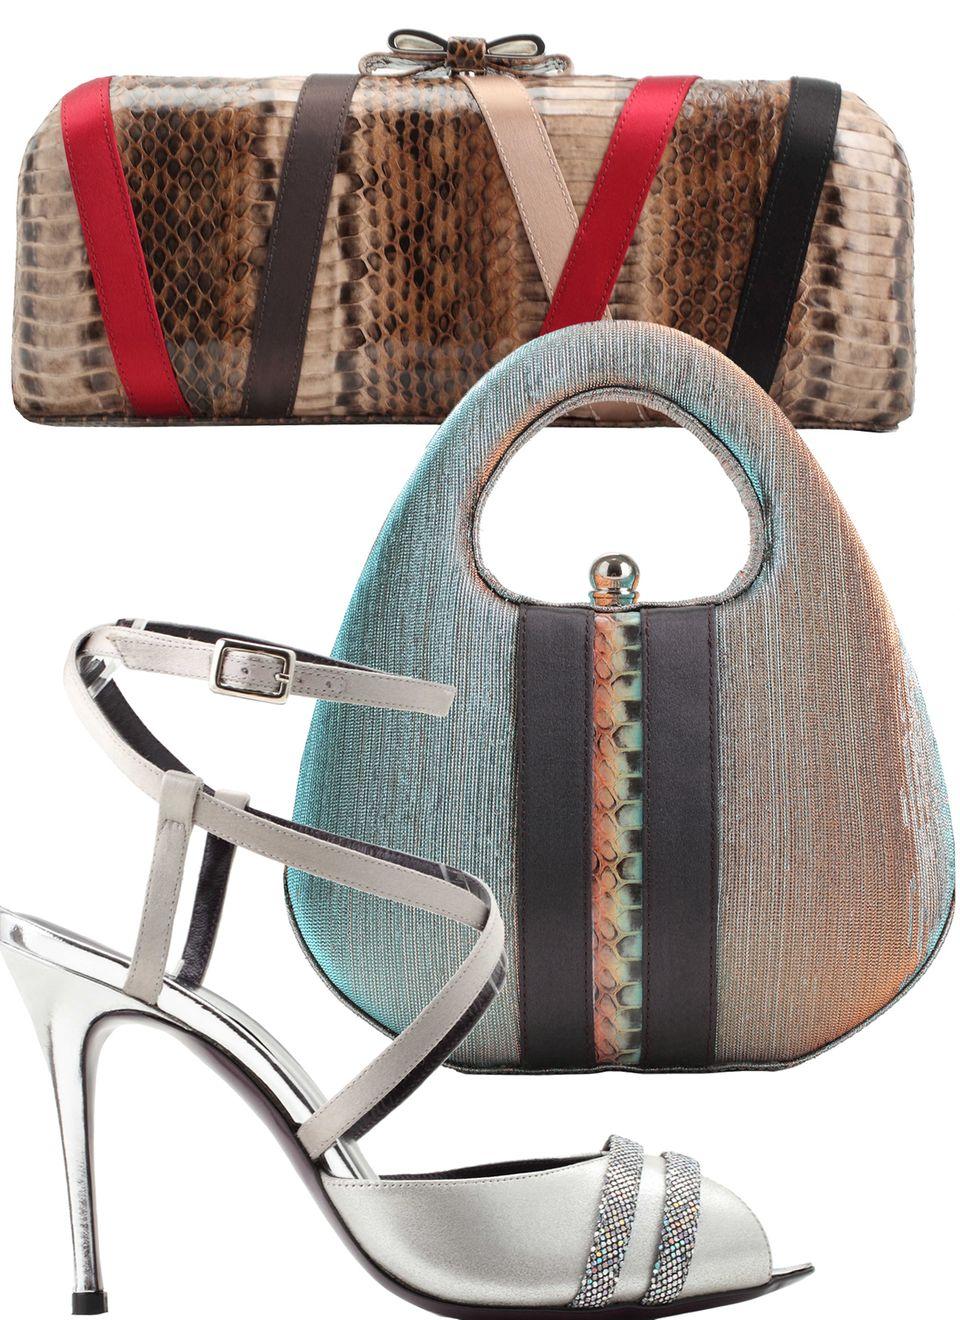 In den vergangenen Saisons wurde das wichtige Accessoire-Geschäft immer stärker ausgebaut.Vor allem Abendtaschen und elegante High Heels, etwa aus Python-Leder, überzeugen die Kundinnen.